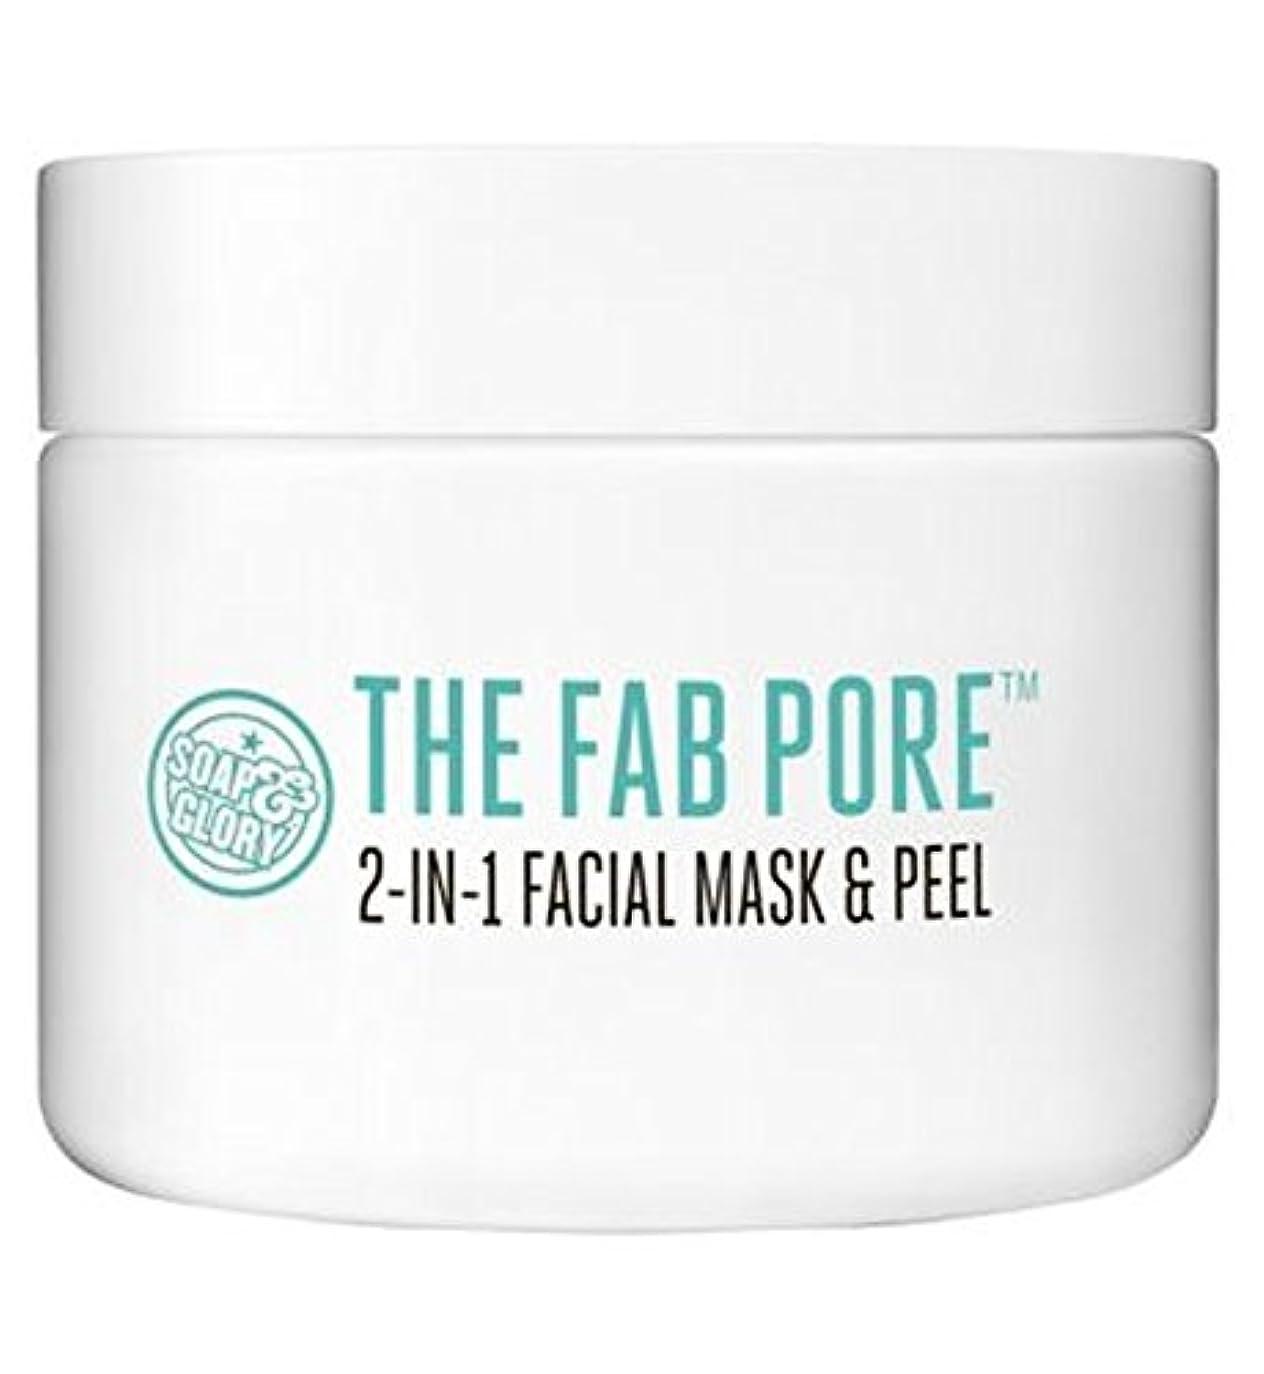 何十人も永続キャリッジSoap & Glory? Fab Pore? 2-in-1 Facial Pore Purifying Mask & Peel - ファブ細孔?2イン1顔の細孔浄化マスク&ピール?石鹸&栄光 (Soap & Glory...